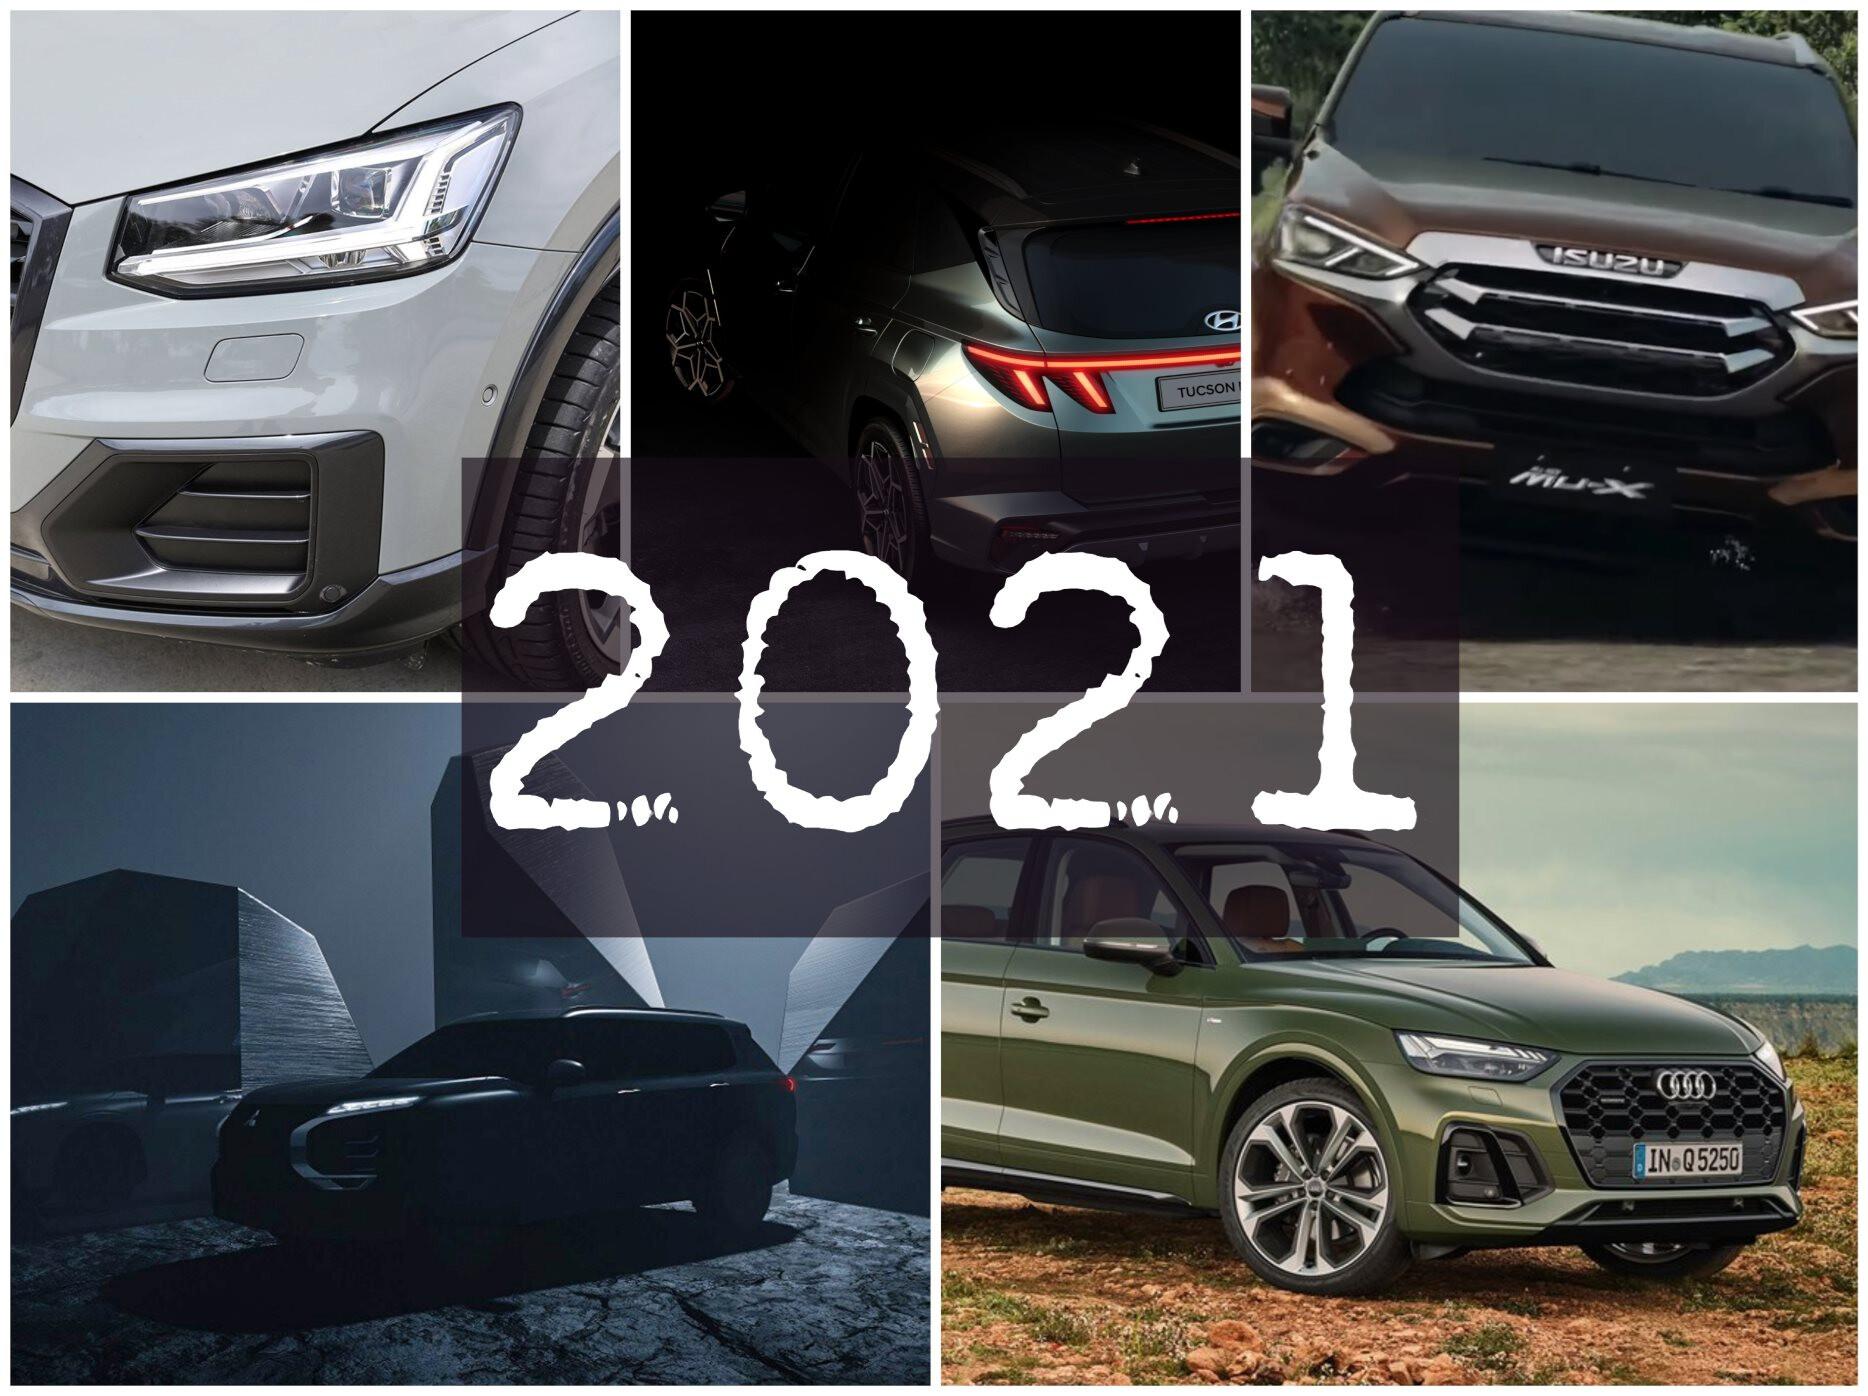 SU Vs 2021 Main Jpg